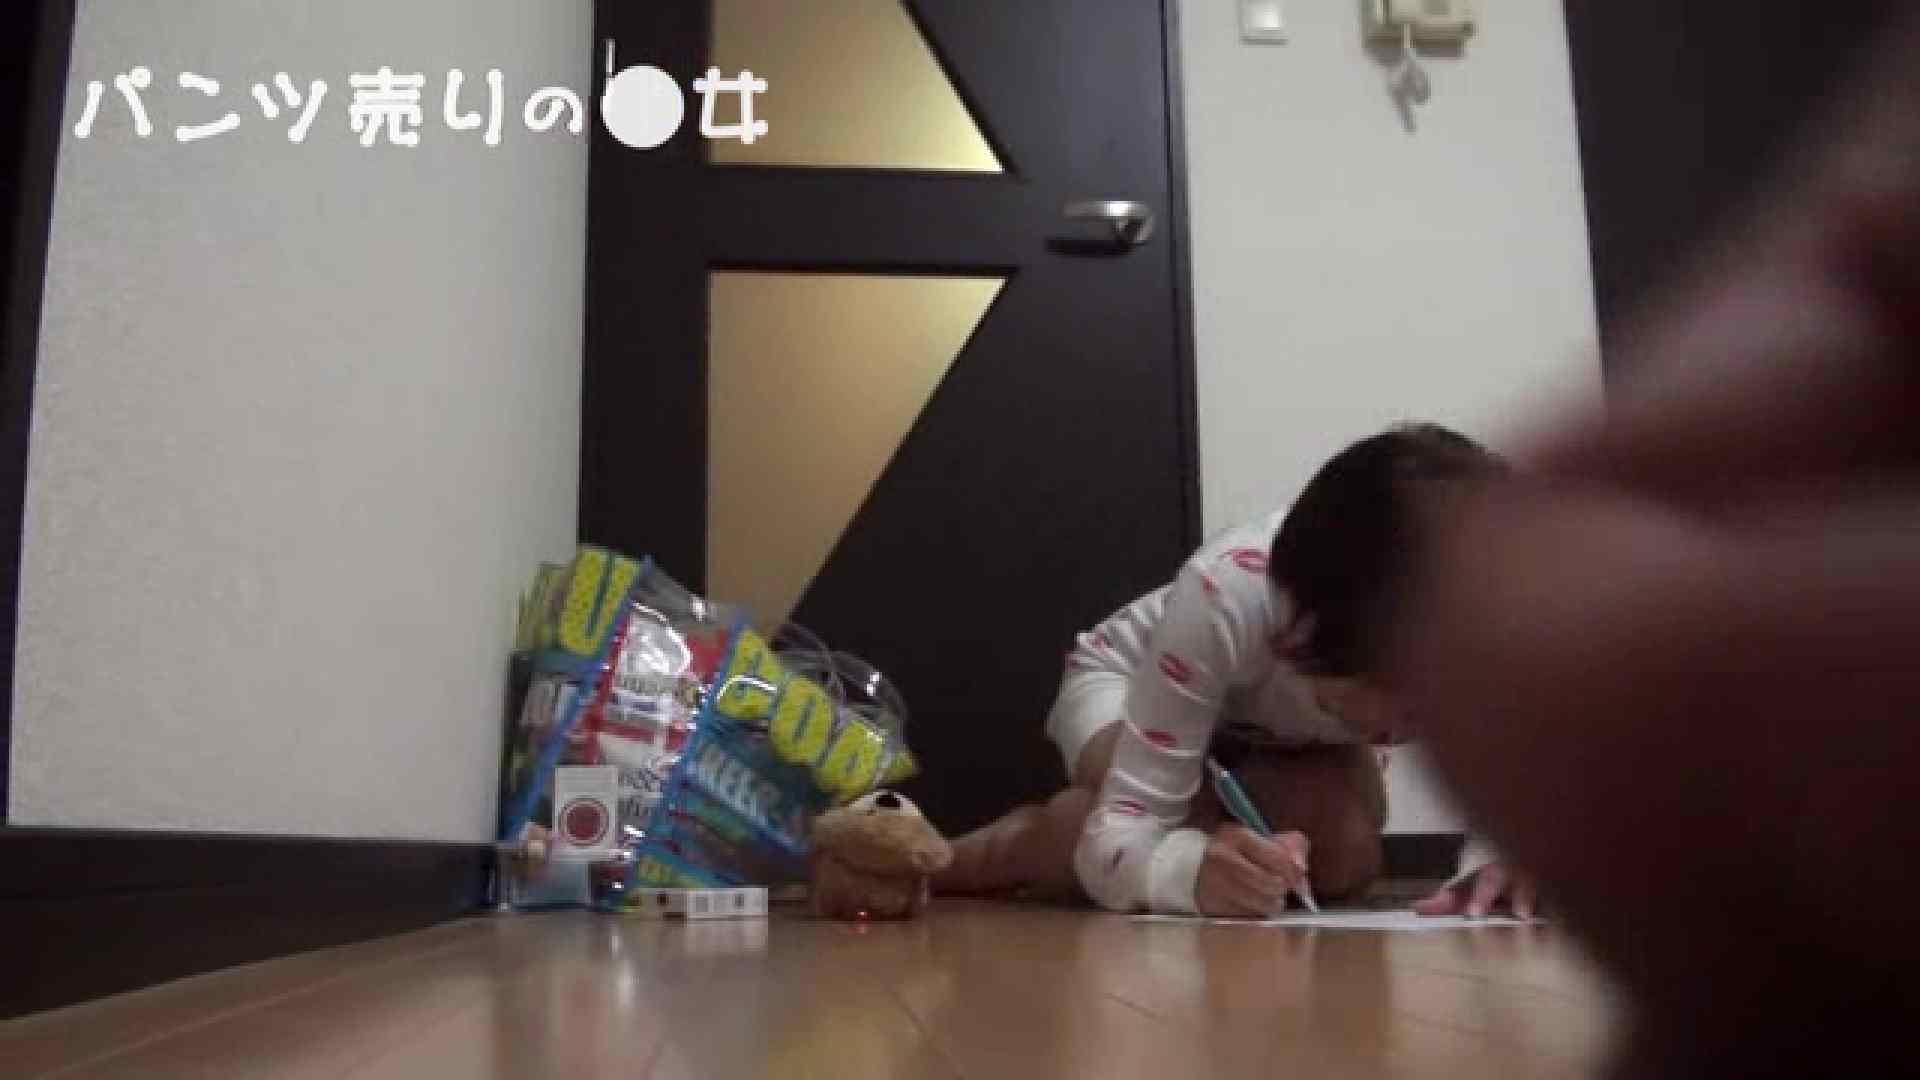 新説 パンツ売りの女の子nana 一般投稿  41連発 3